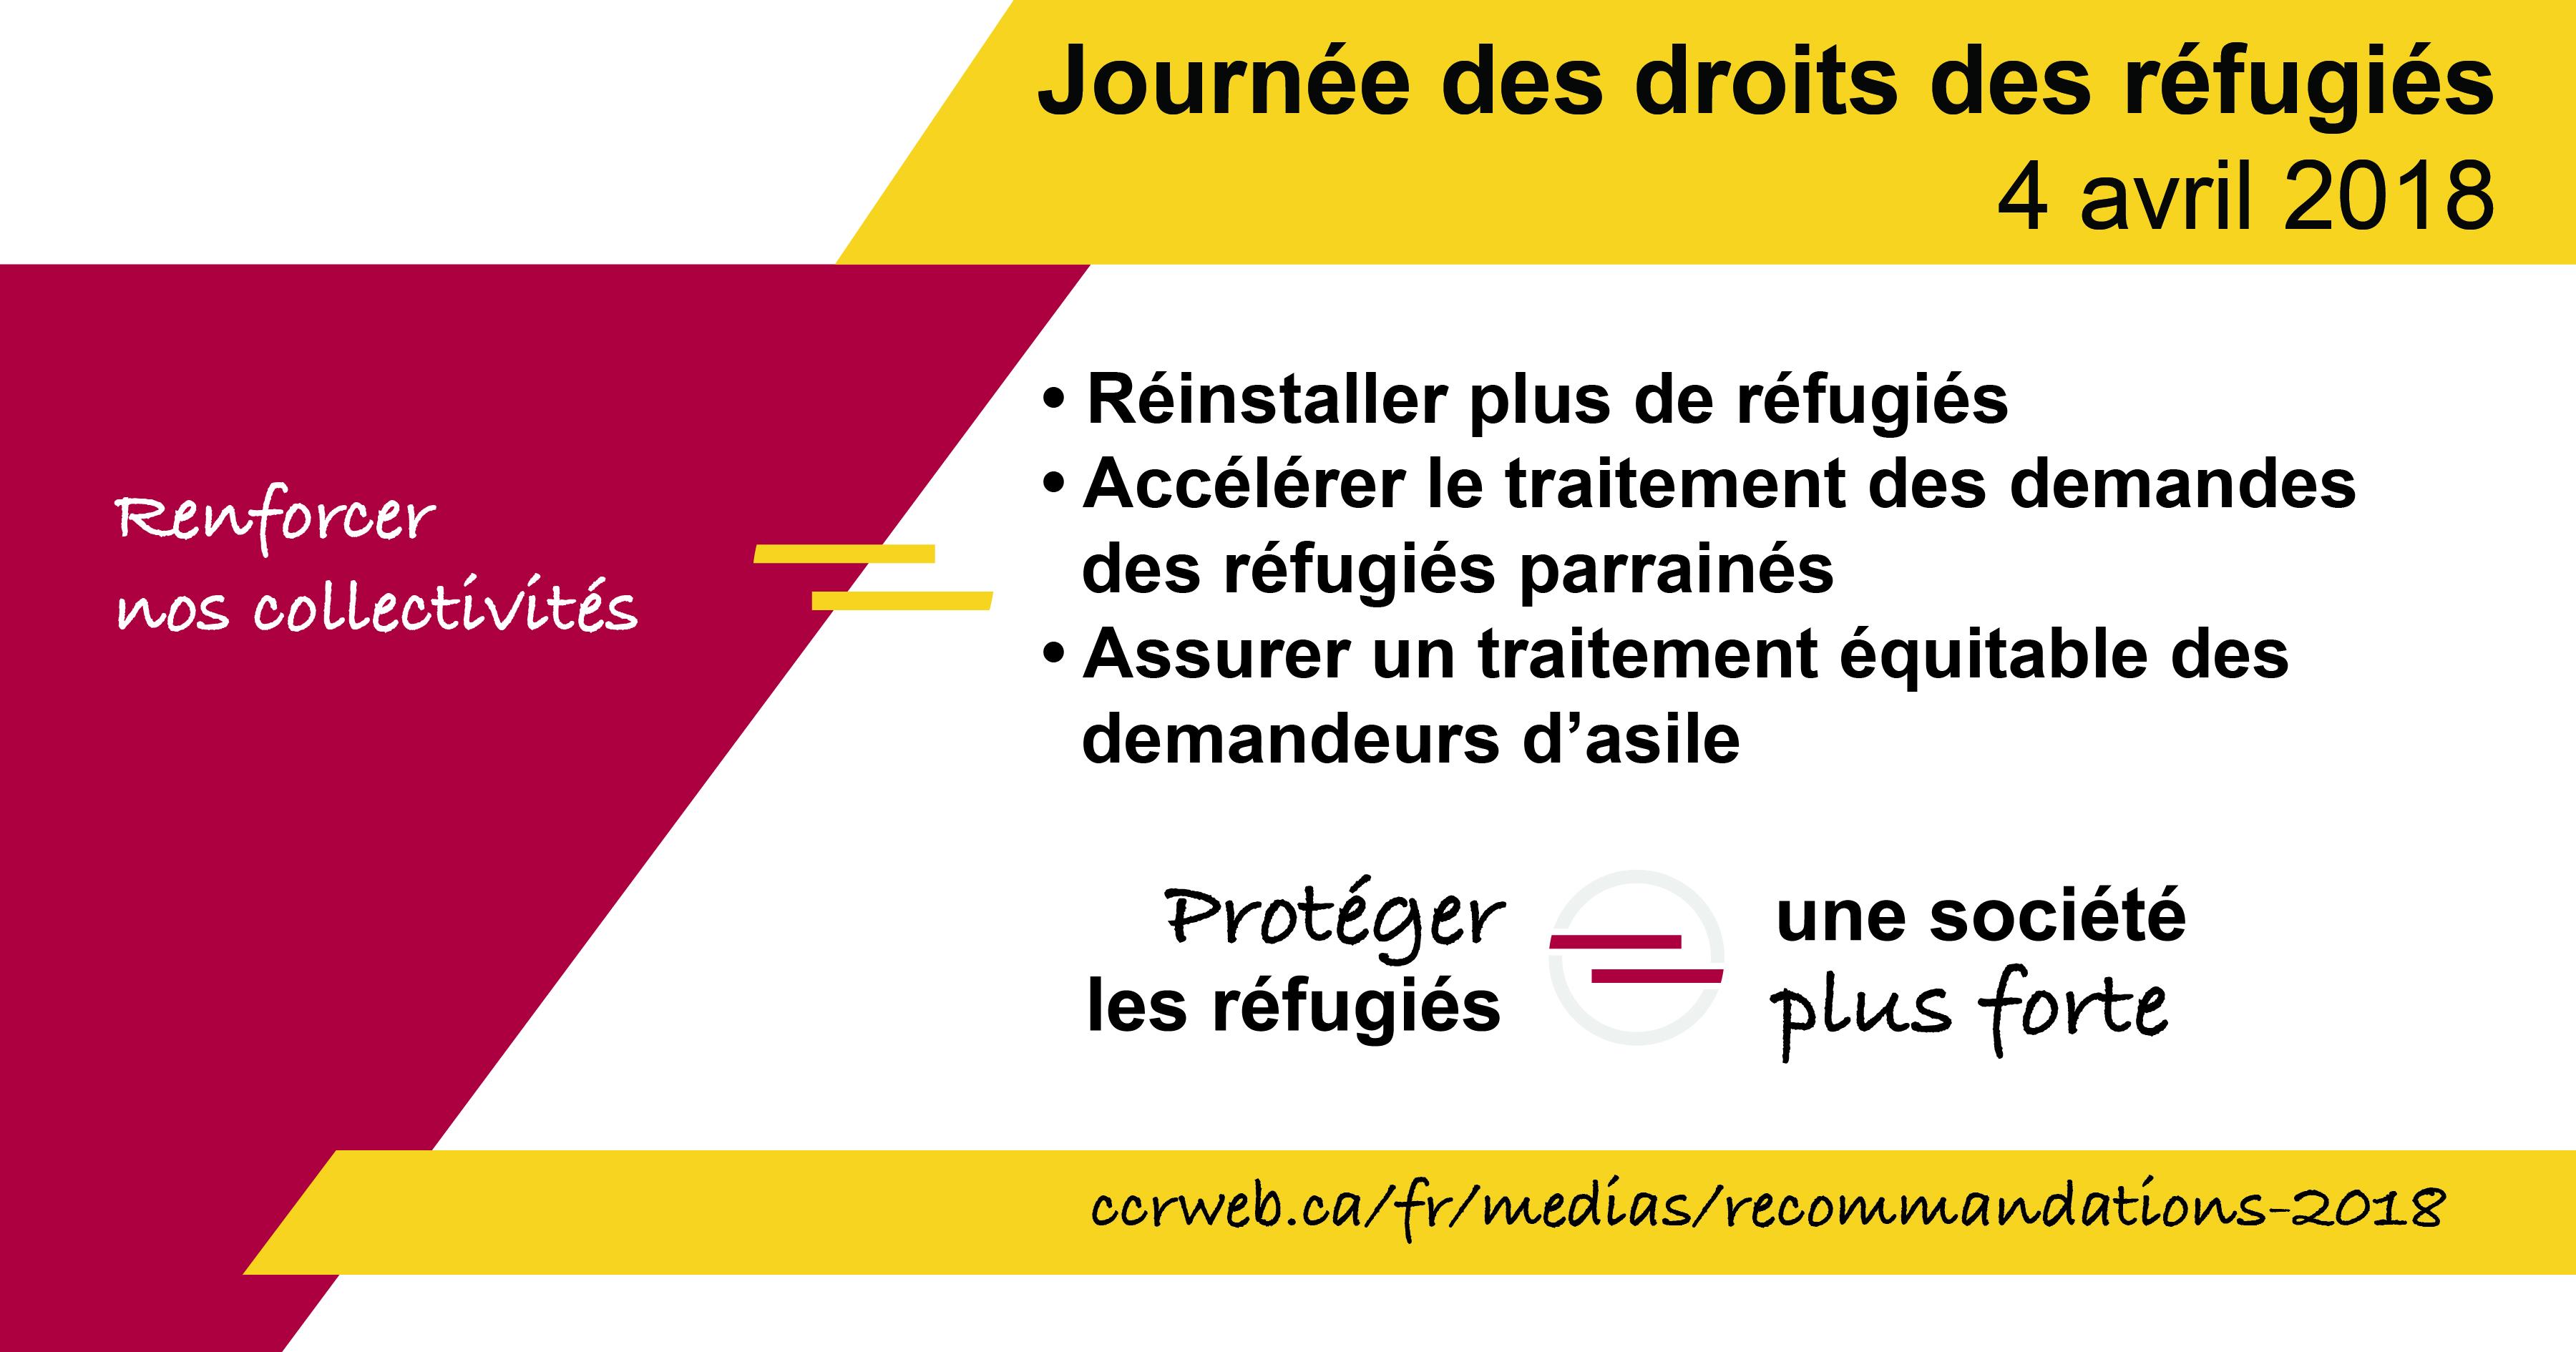 Journée des droits des réfugiés - 3 demandes